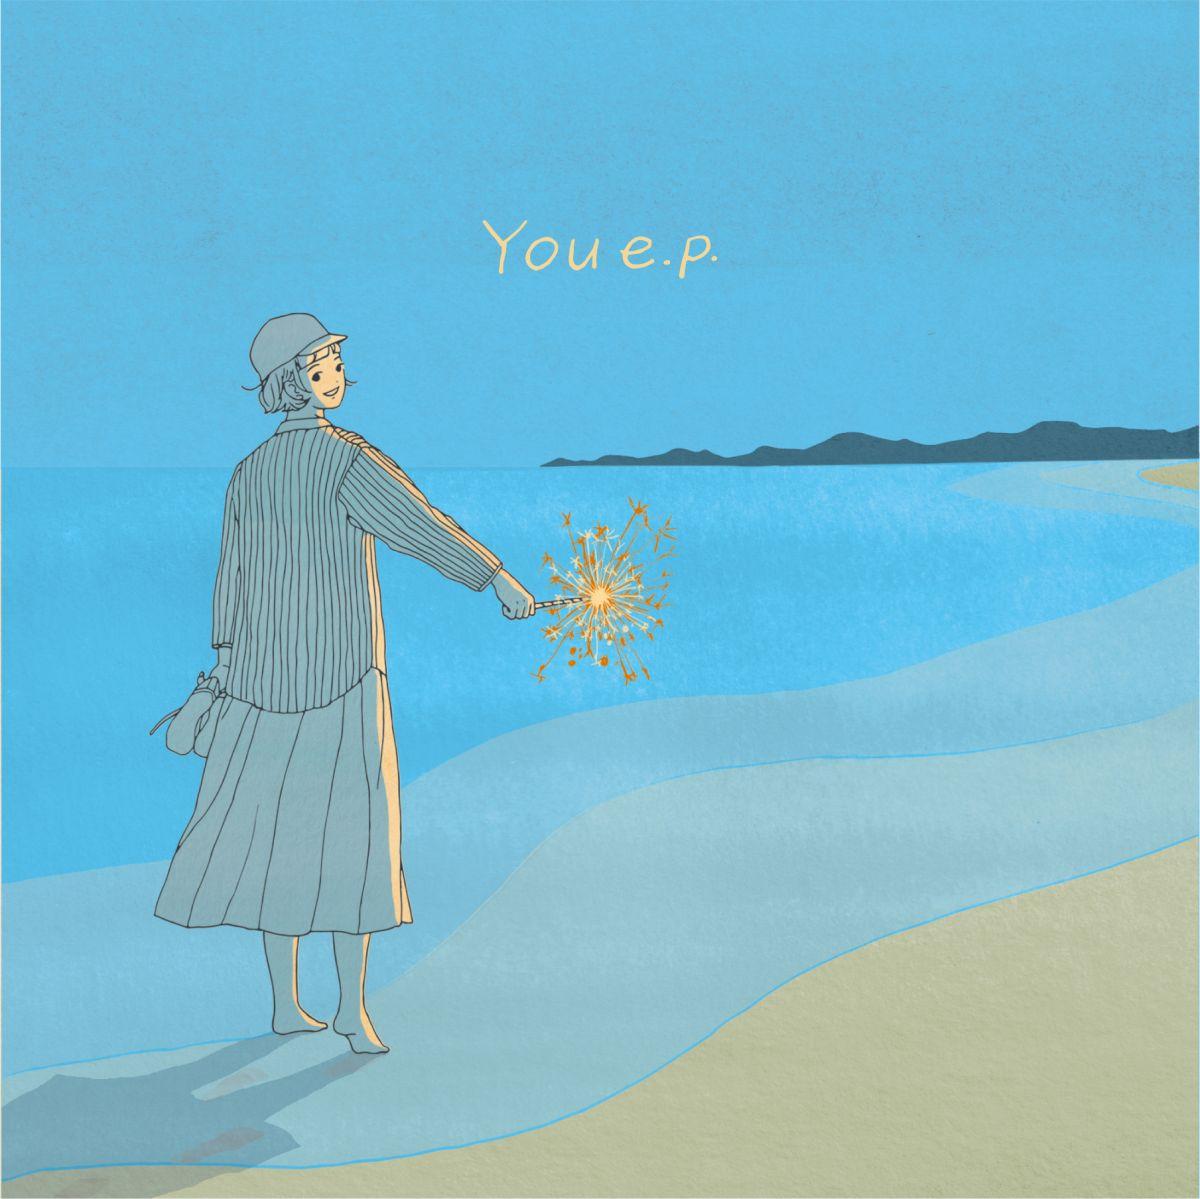 You e.p.